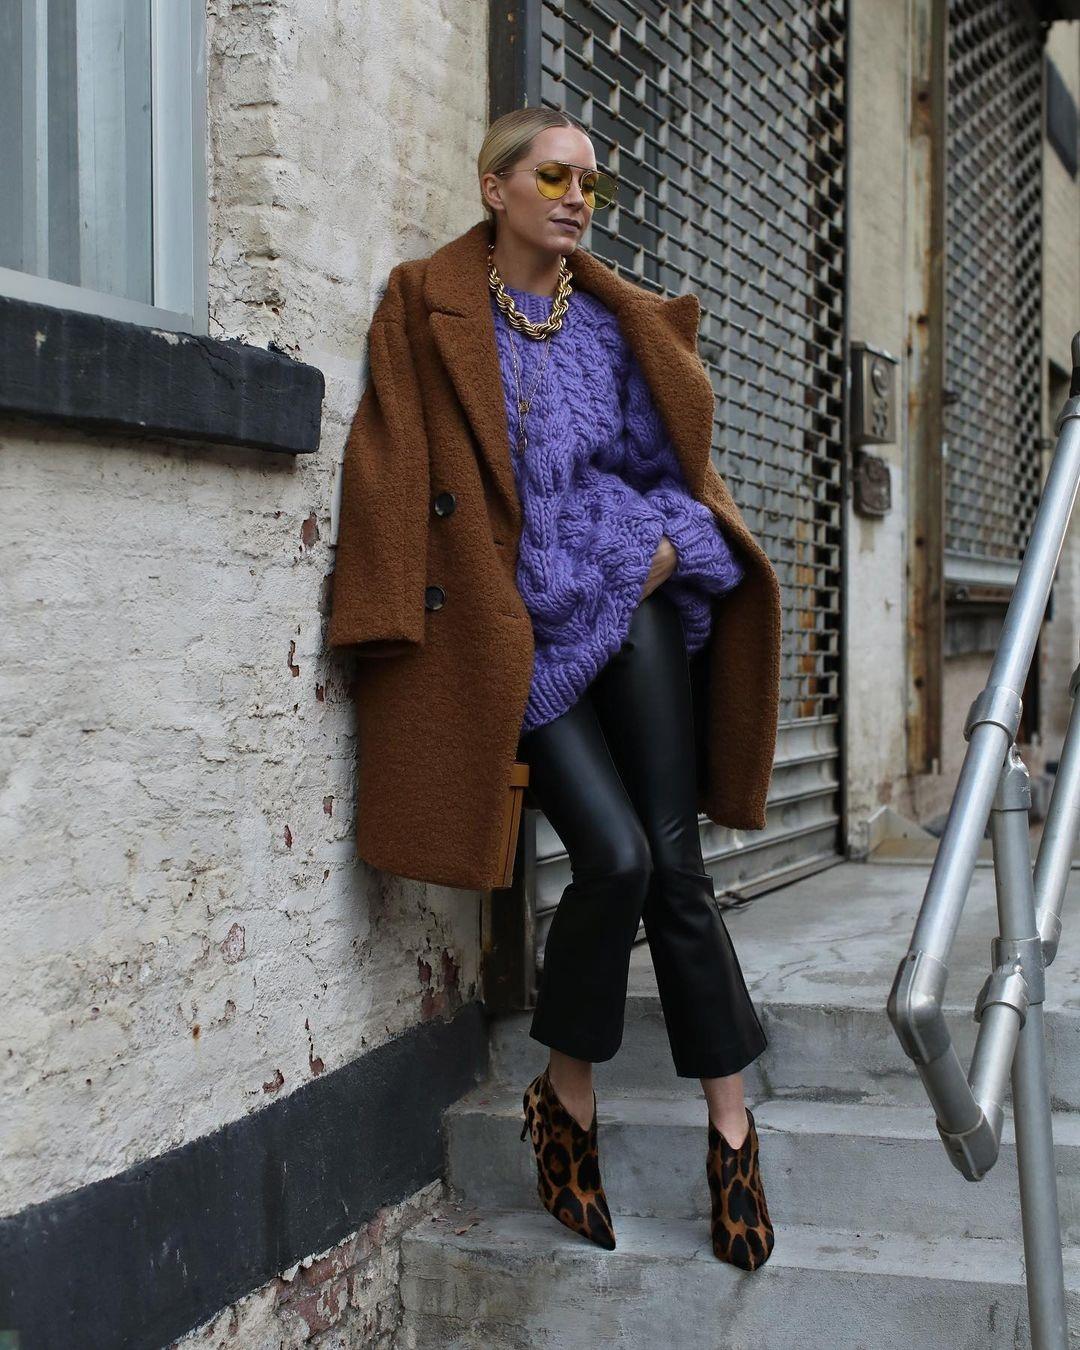 модный свитер осень зима 2021 2022 фиолетовый оверсайз с косами